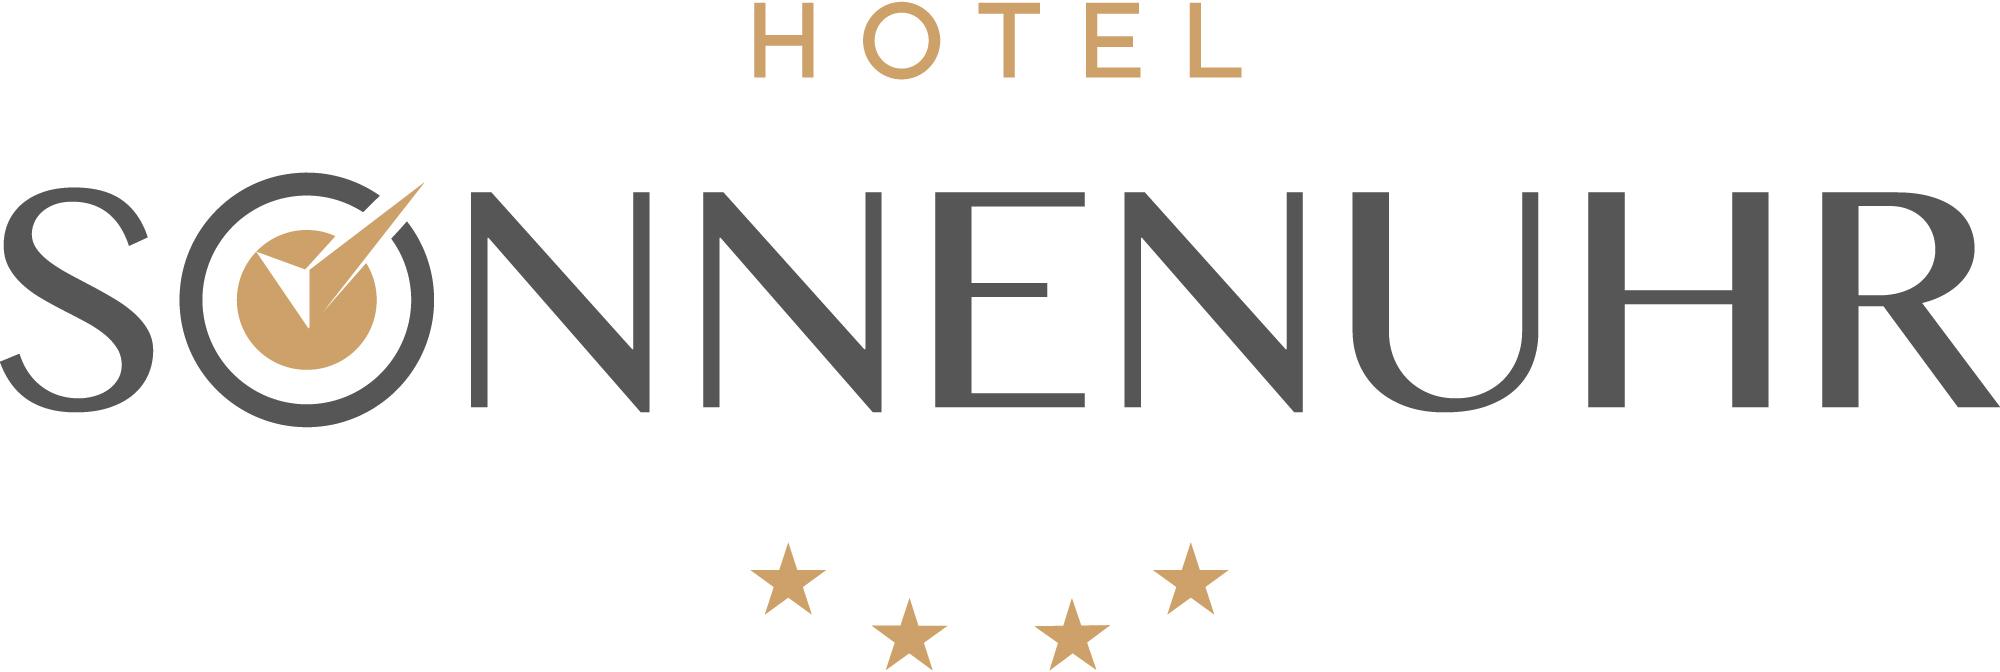 スポートホテル ゾンネンウーア